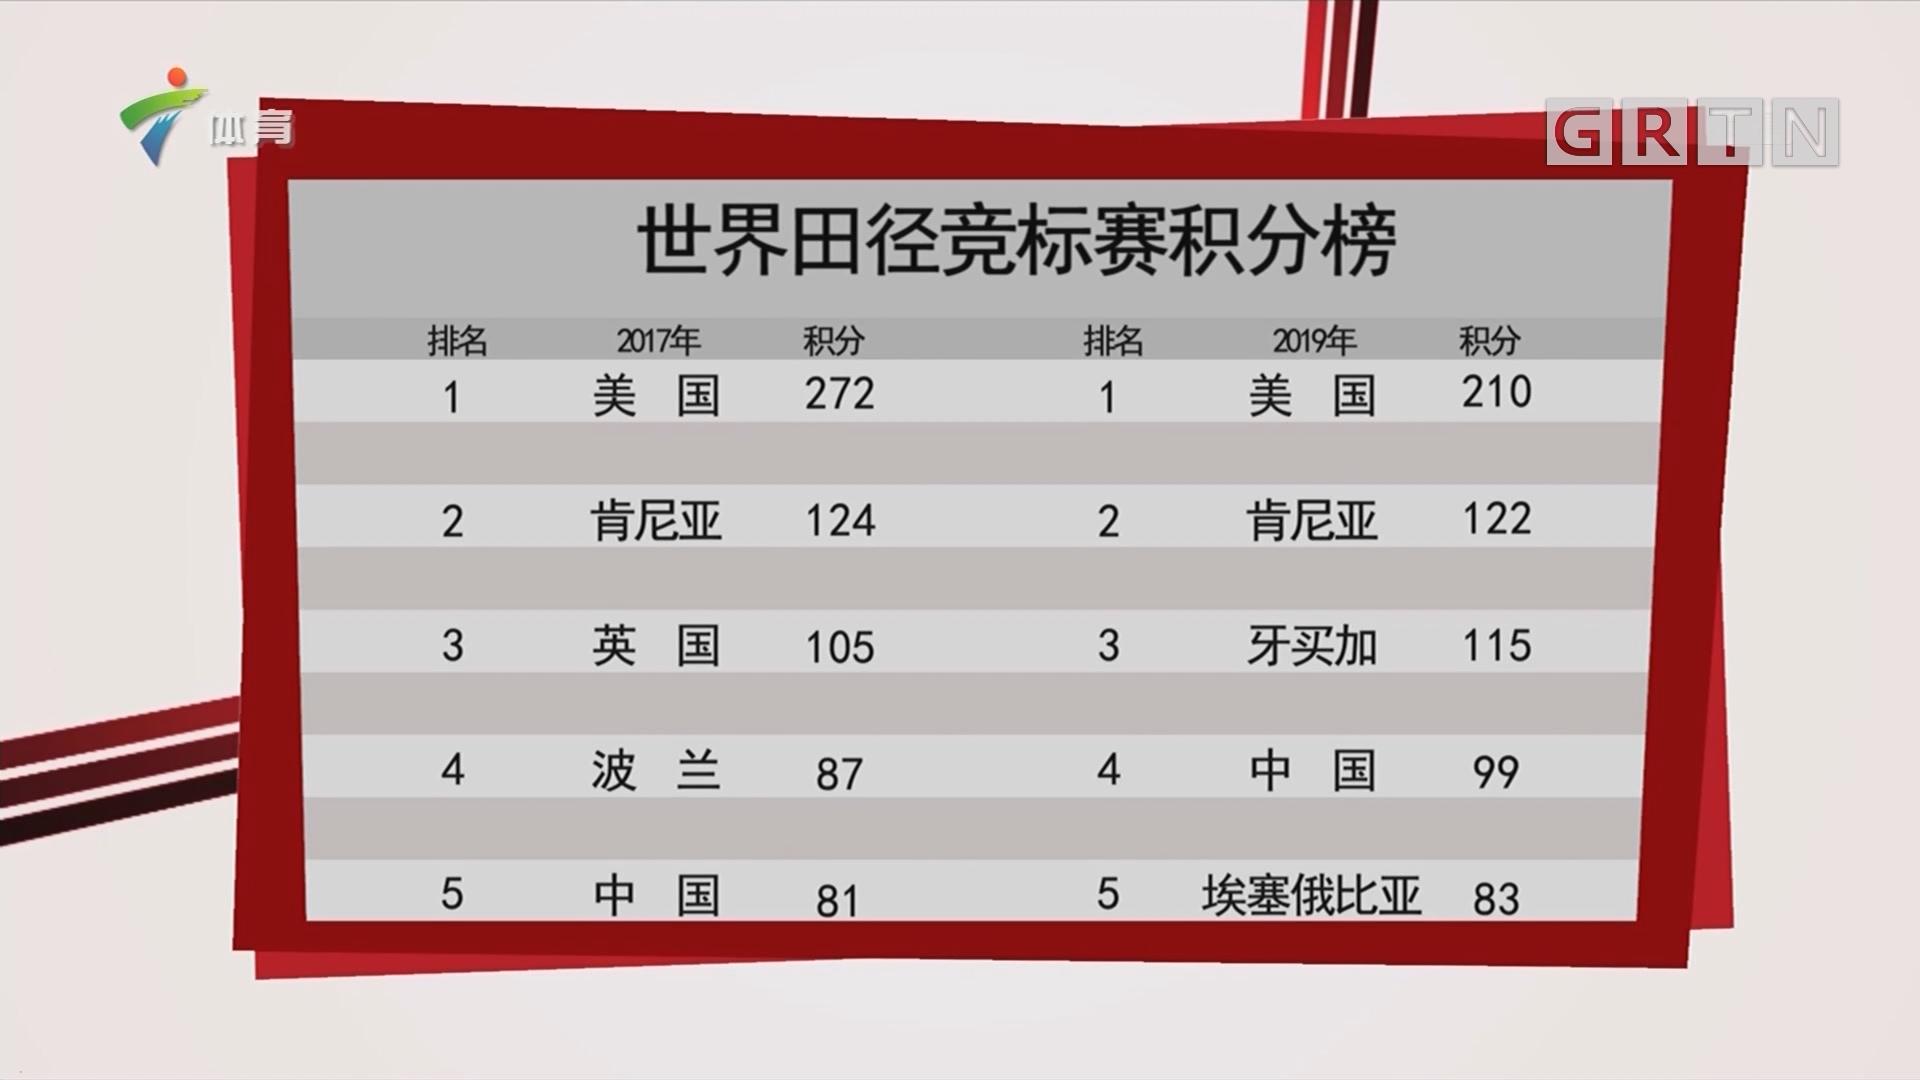 2019世界田径竞标赛奖牌榜与世界田径竞标赛积分榜